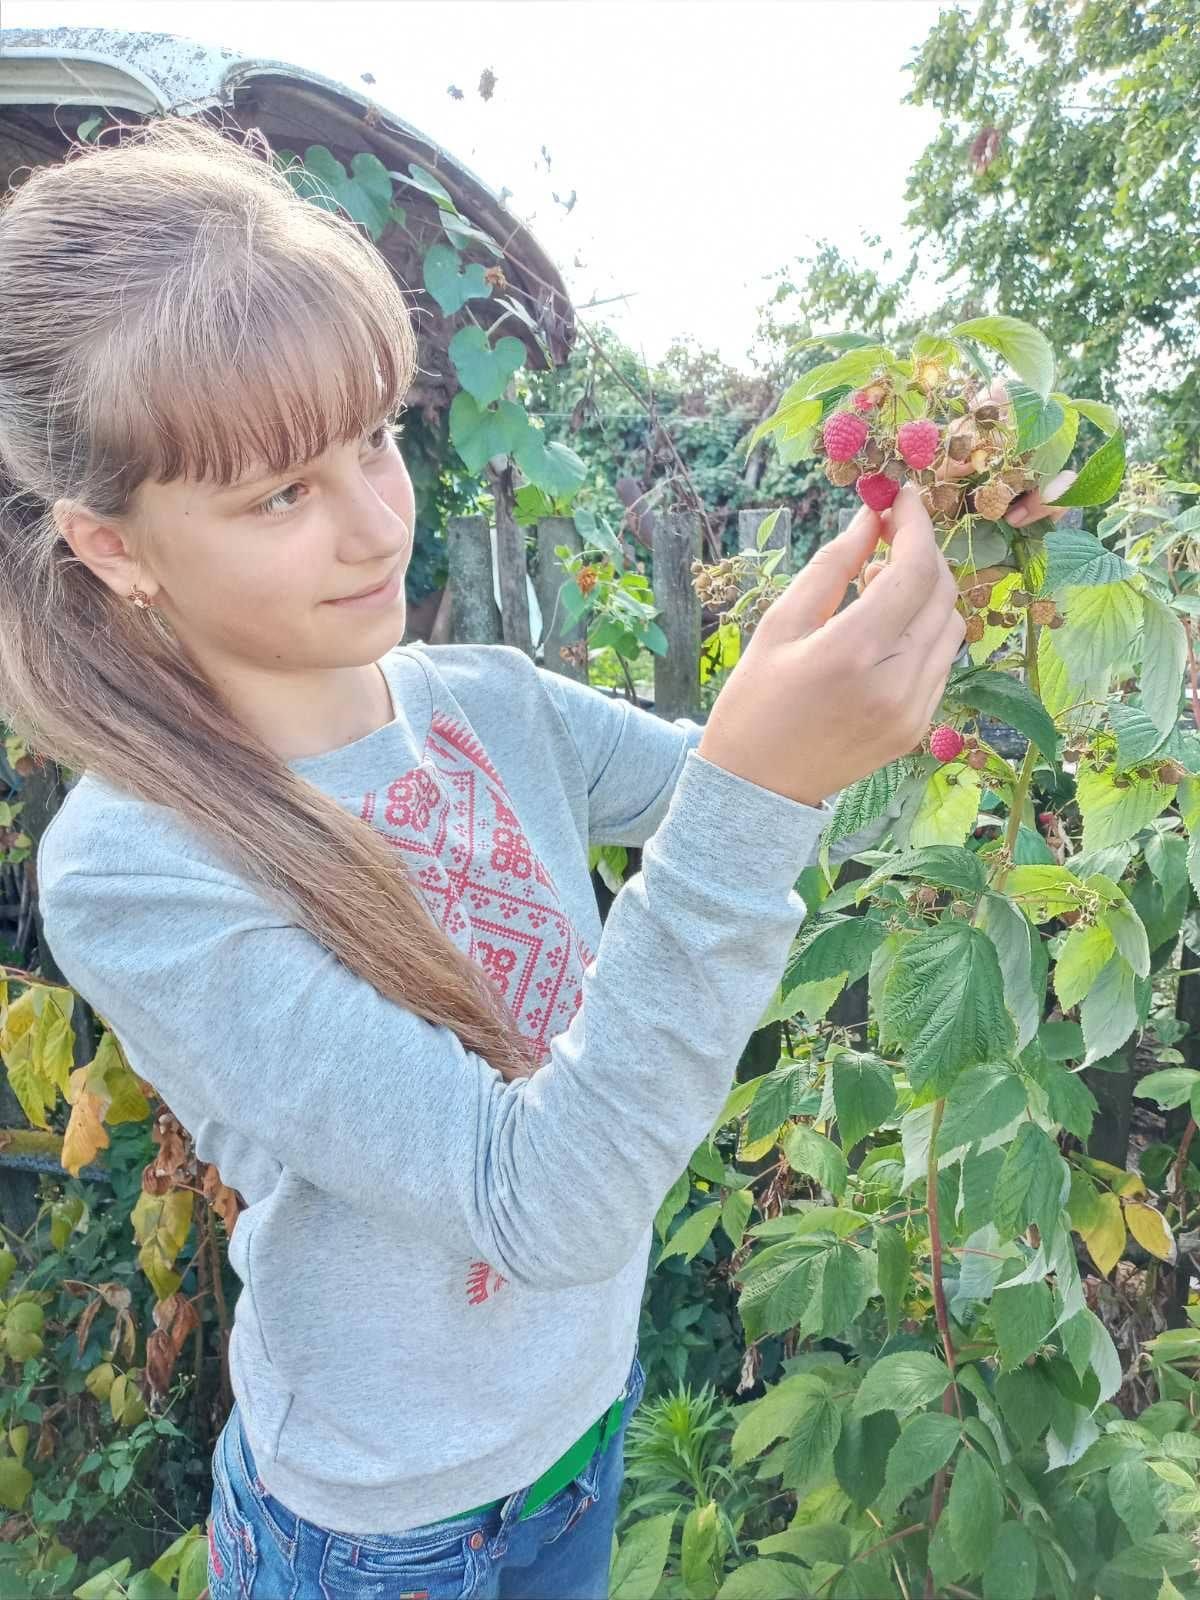 Школярку з Чернігівщини нагороджено грамотою за успіхи в садівництві (Фото)